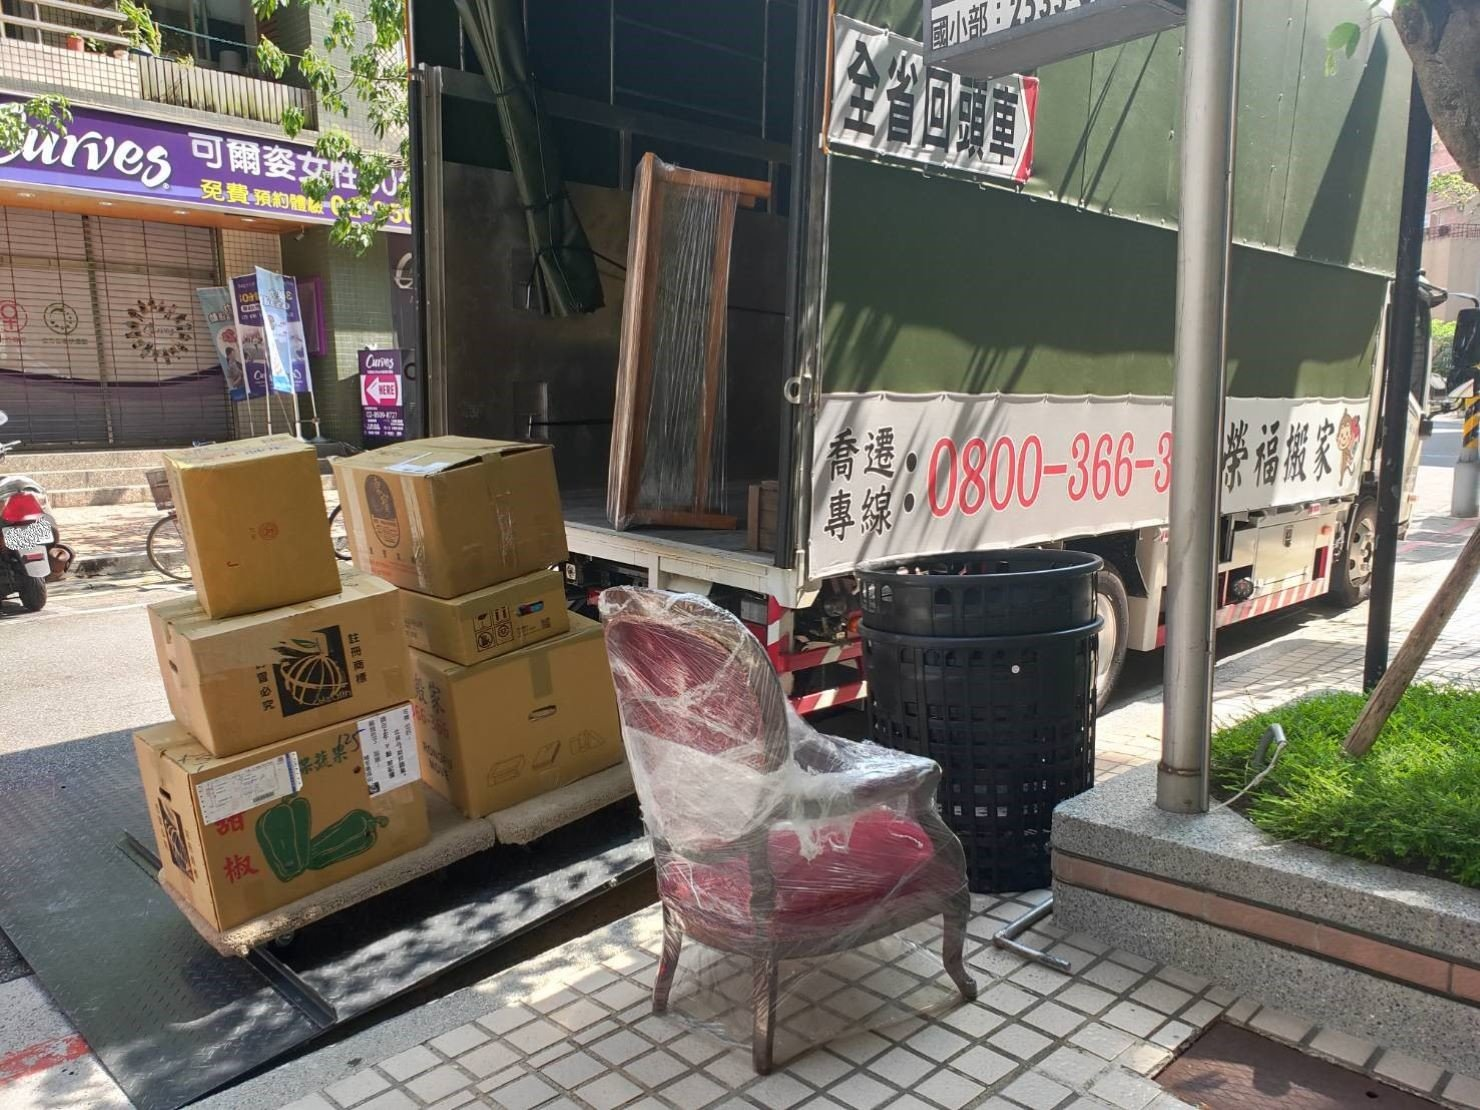 搬家公司【榮福搬家公司】拆裝家具、 搬家口碑第一、台北搬家:家具物件會先放置拖板上再運到大貨車的升降板上,再擺放到貨車裡固定。